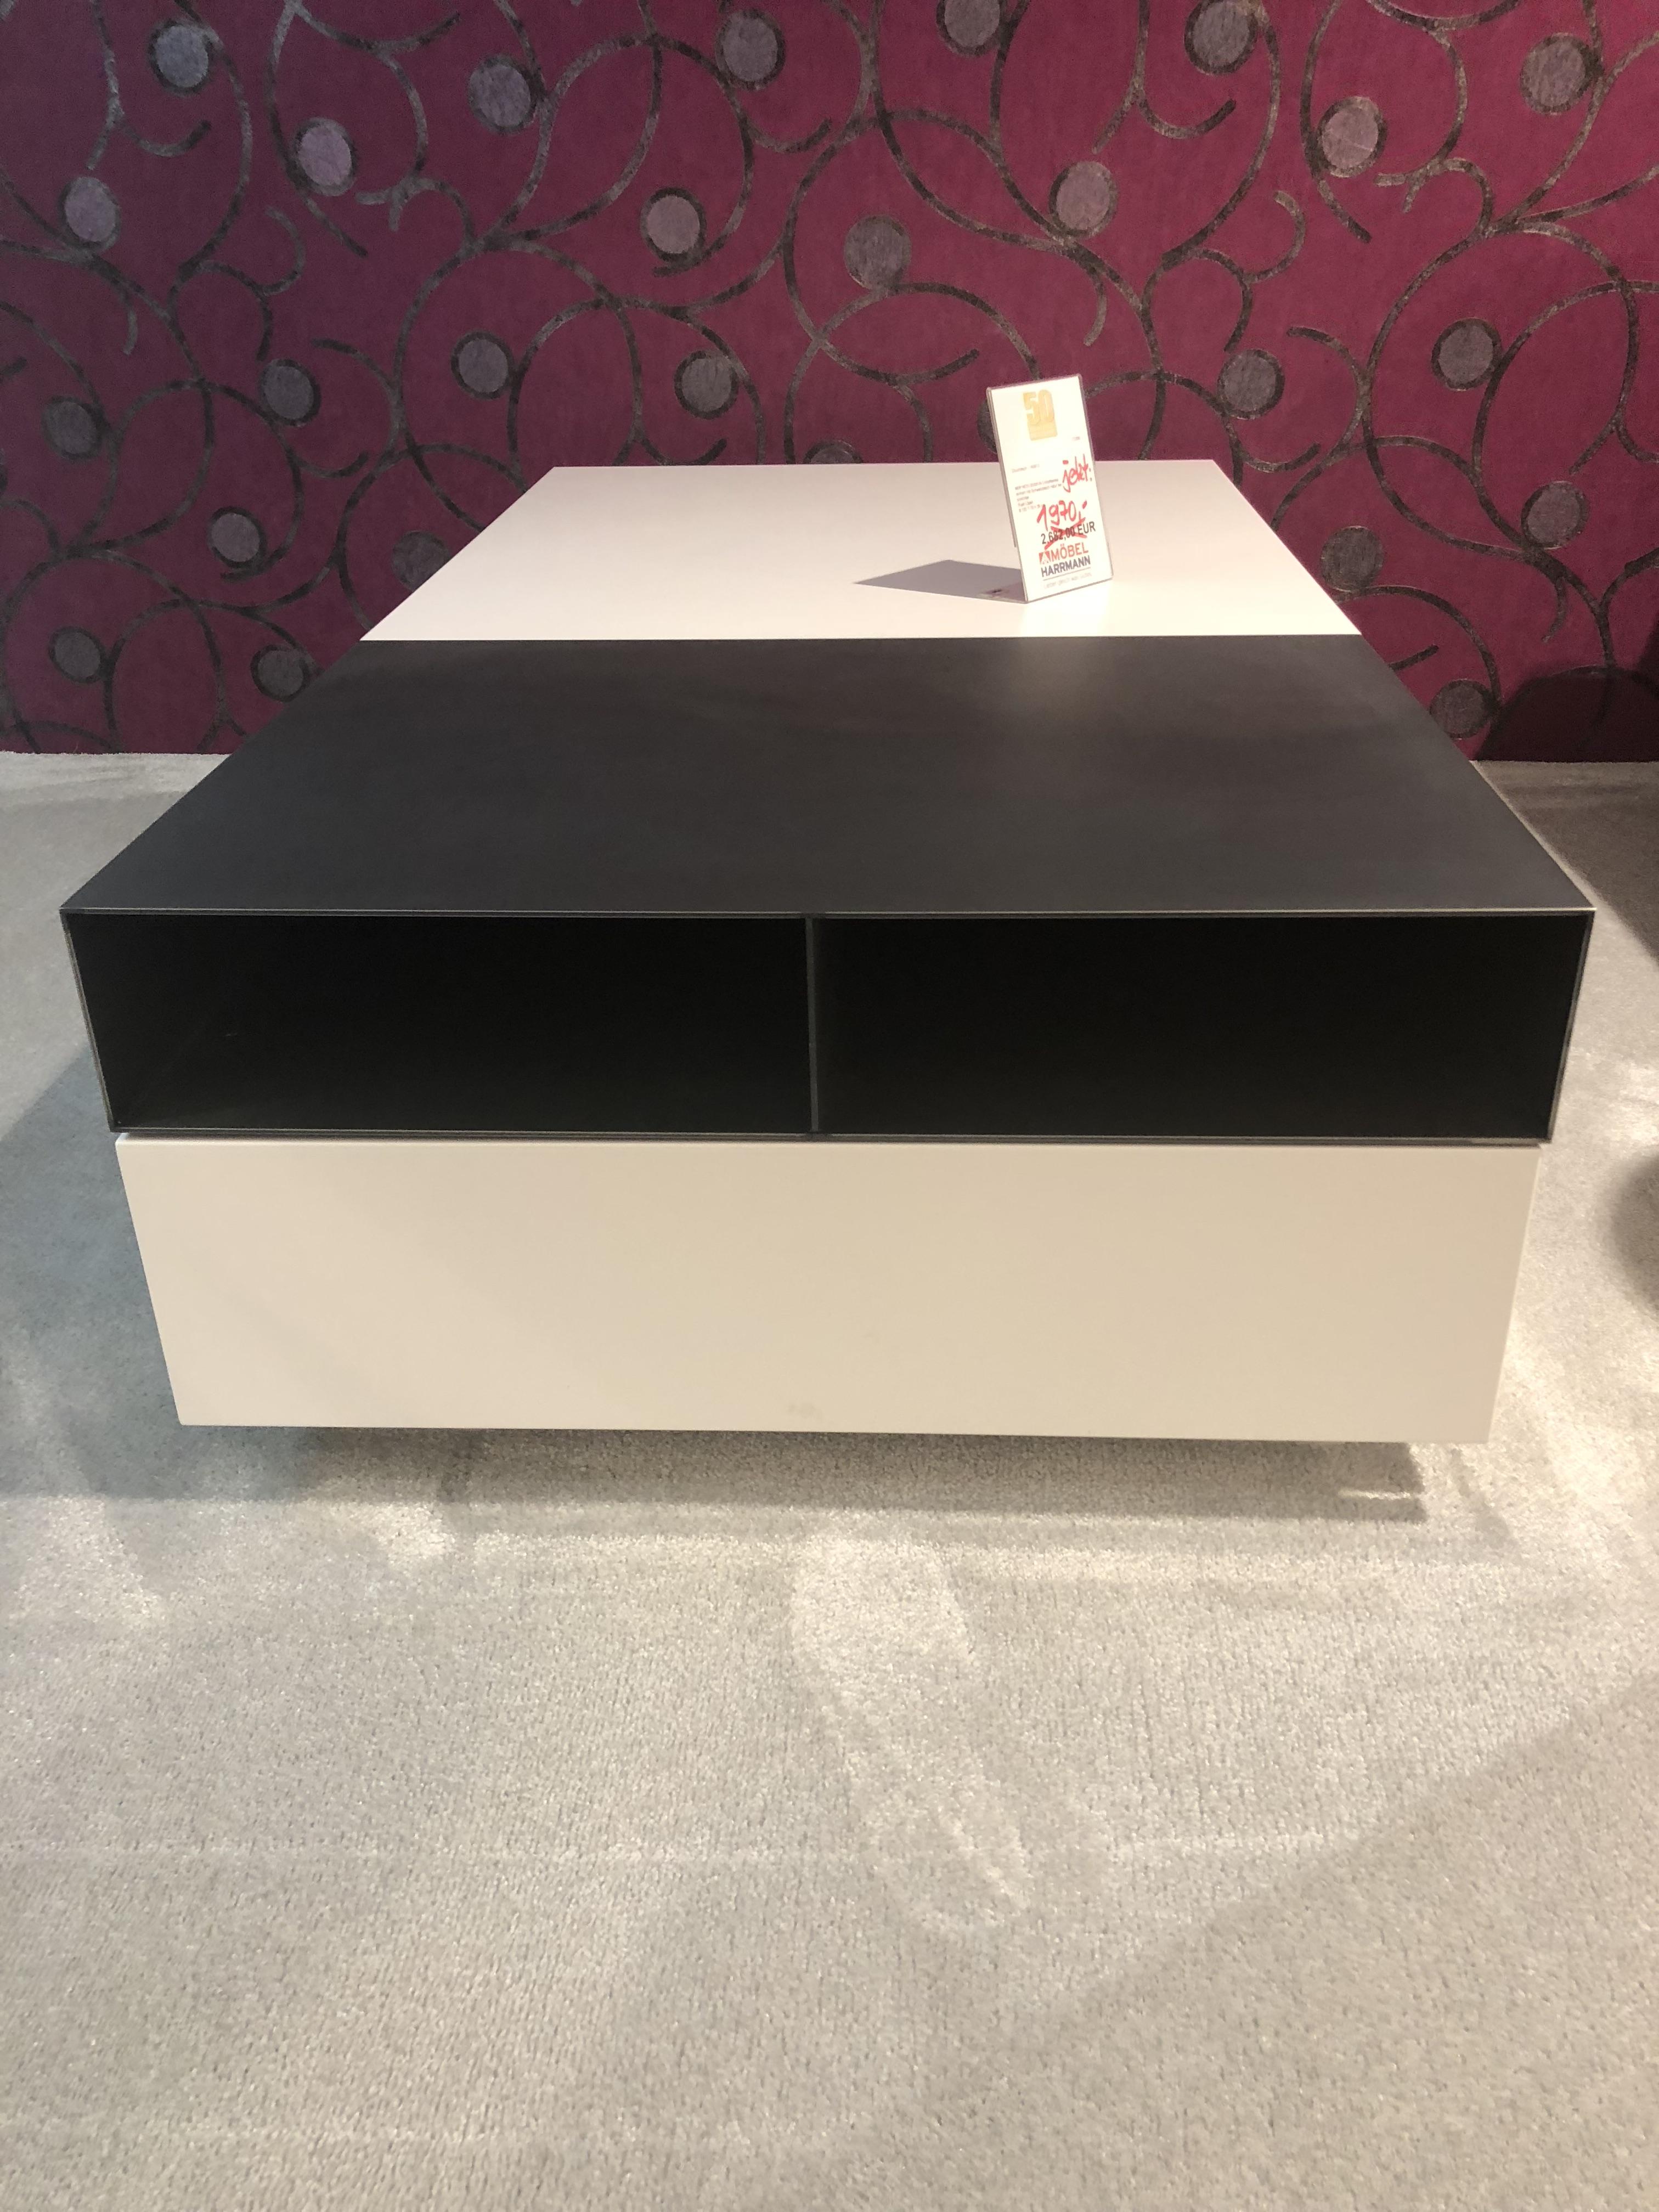 mein ausstellungsst ck aera couchtisch. Black Bedroom Furniture Sets. Home Design Ideas